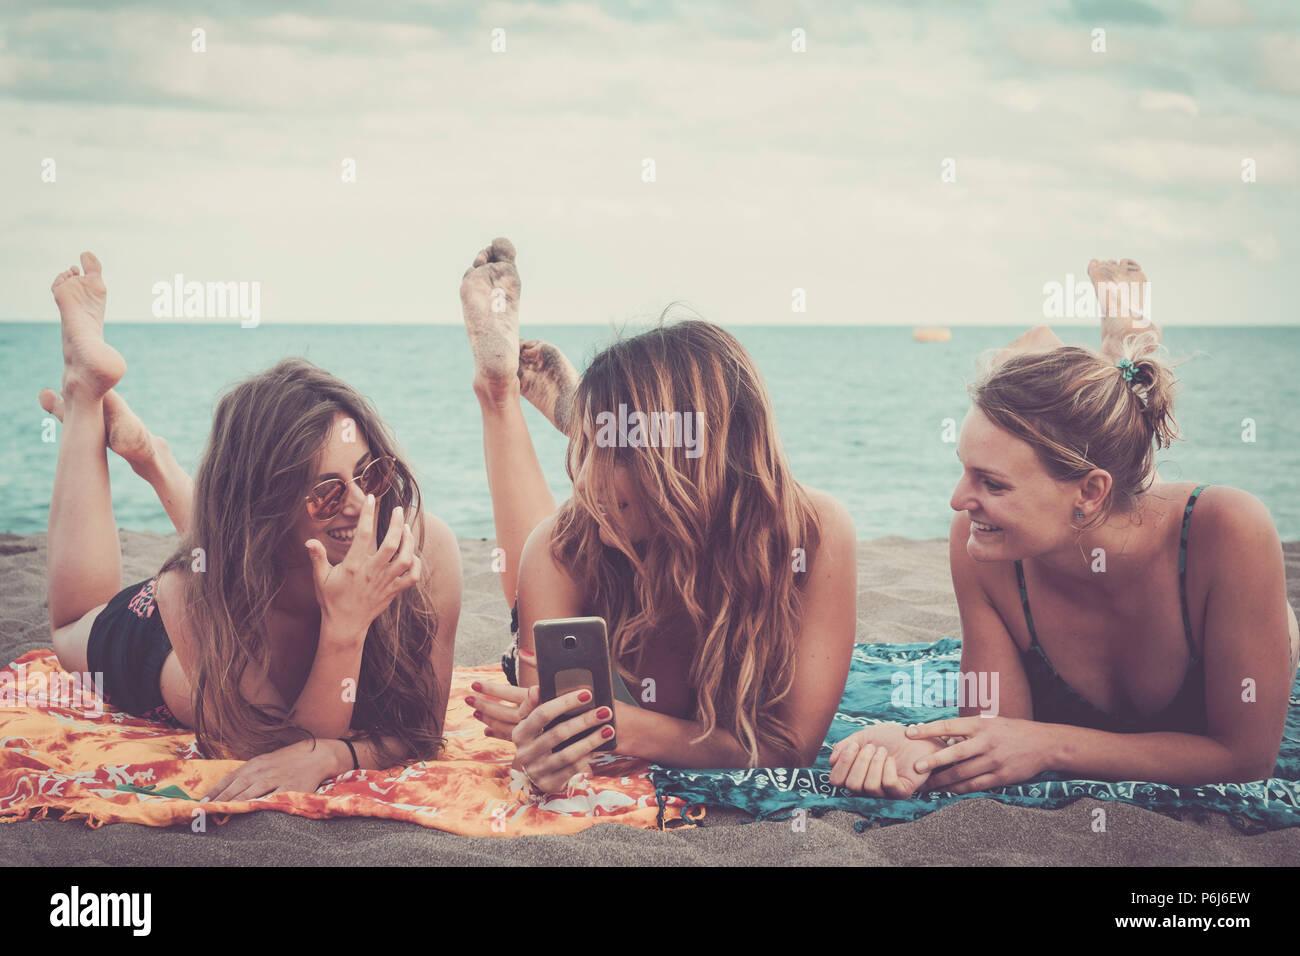 Trois belles filles utilisent la technologie de la téléphonie mobile de prendre des photos à la plage, se relaxer et apprécier le style de vie et loisirs vacances en plein air activités modernes. Photo Stock